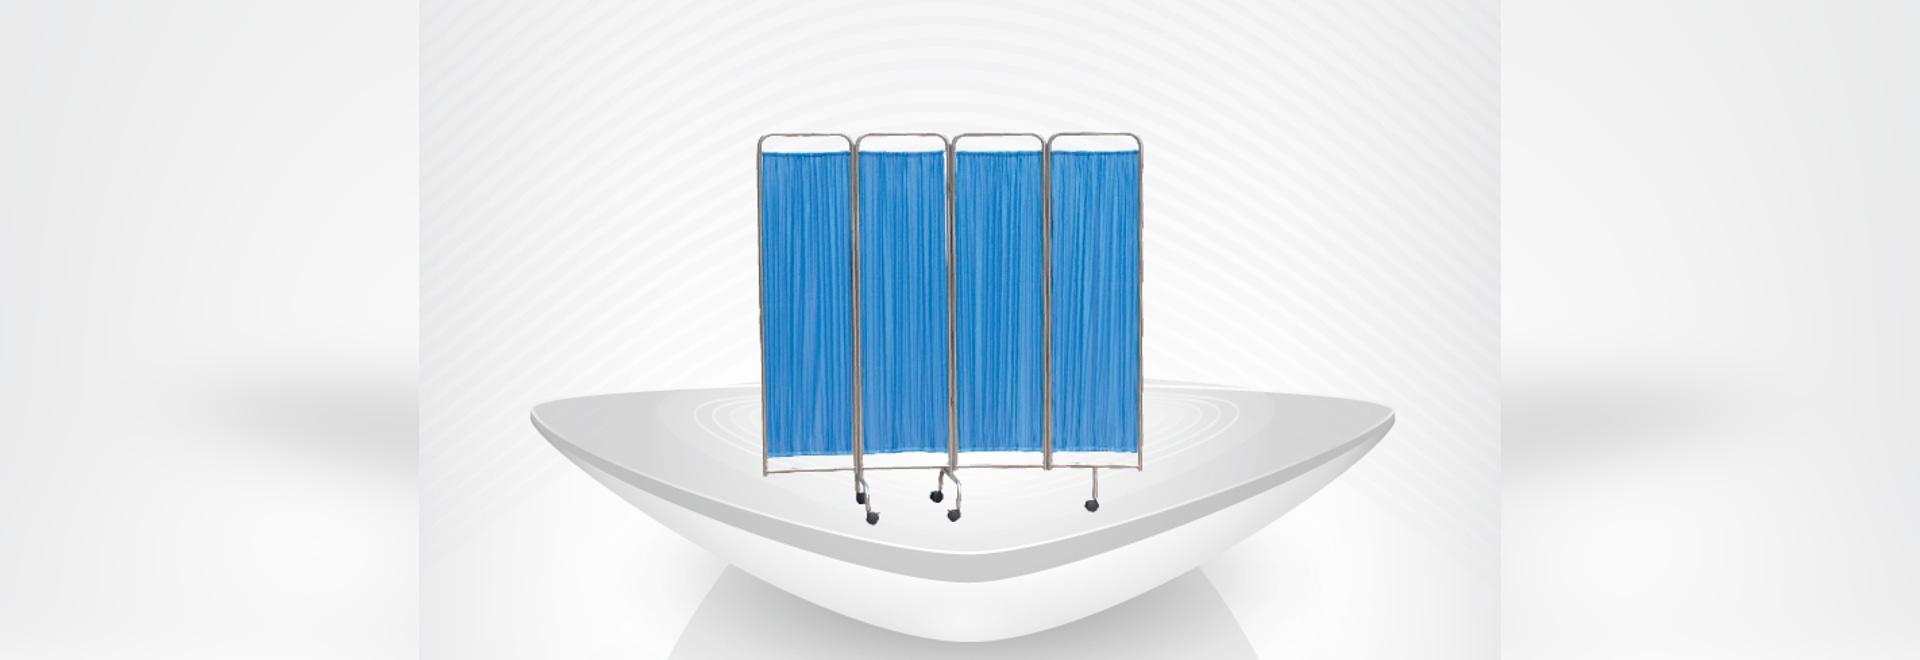 écran médical se pliant duarble pour l'écran de patient/acier inoxydable d'hôpital/meubles de chevet